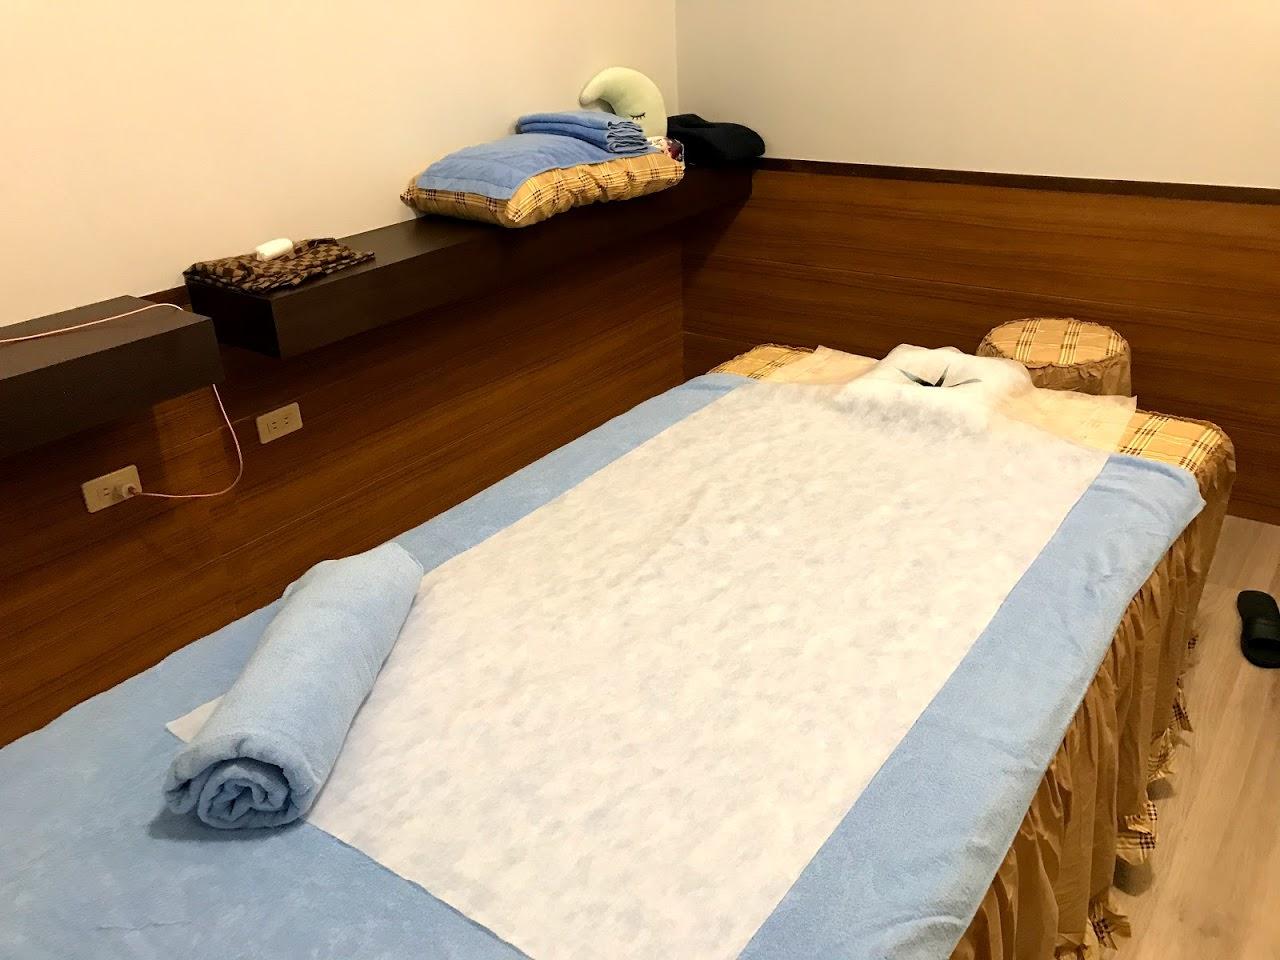 【台南 永康】悅榕莊園會館 專業的按摩技法與讓人放鬆的環境 可愛店貓 岩盤浴推薦 台南按摩推薦